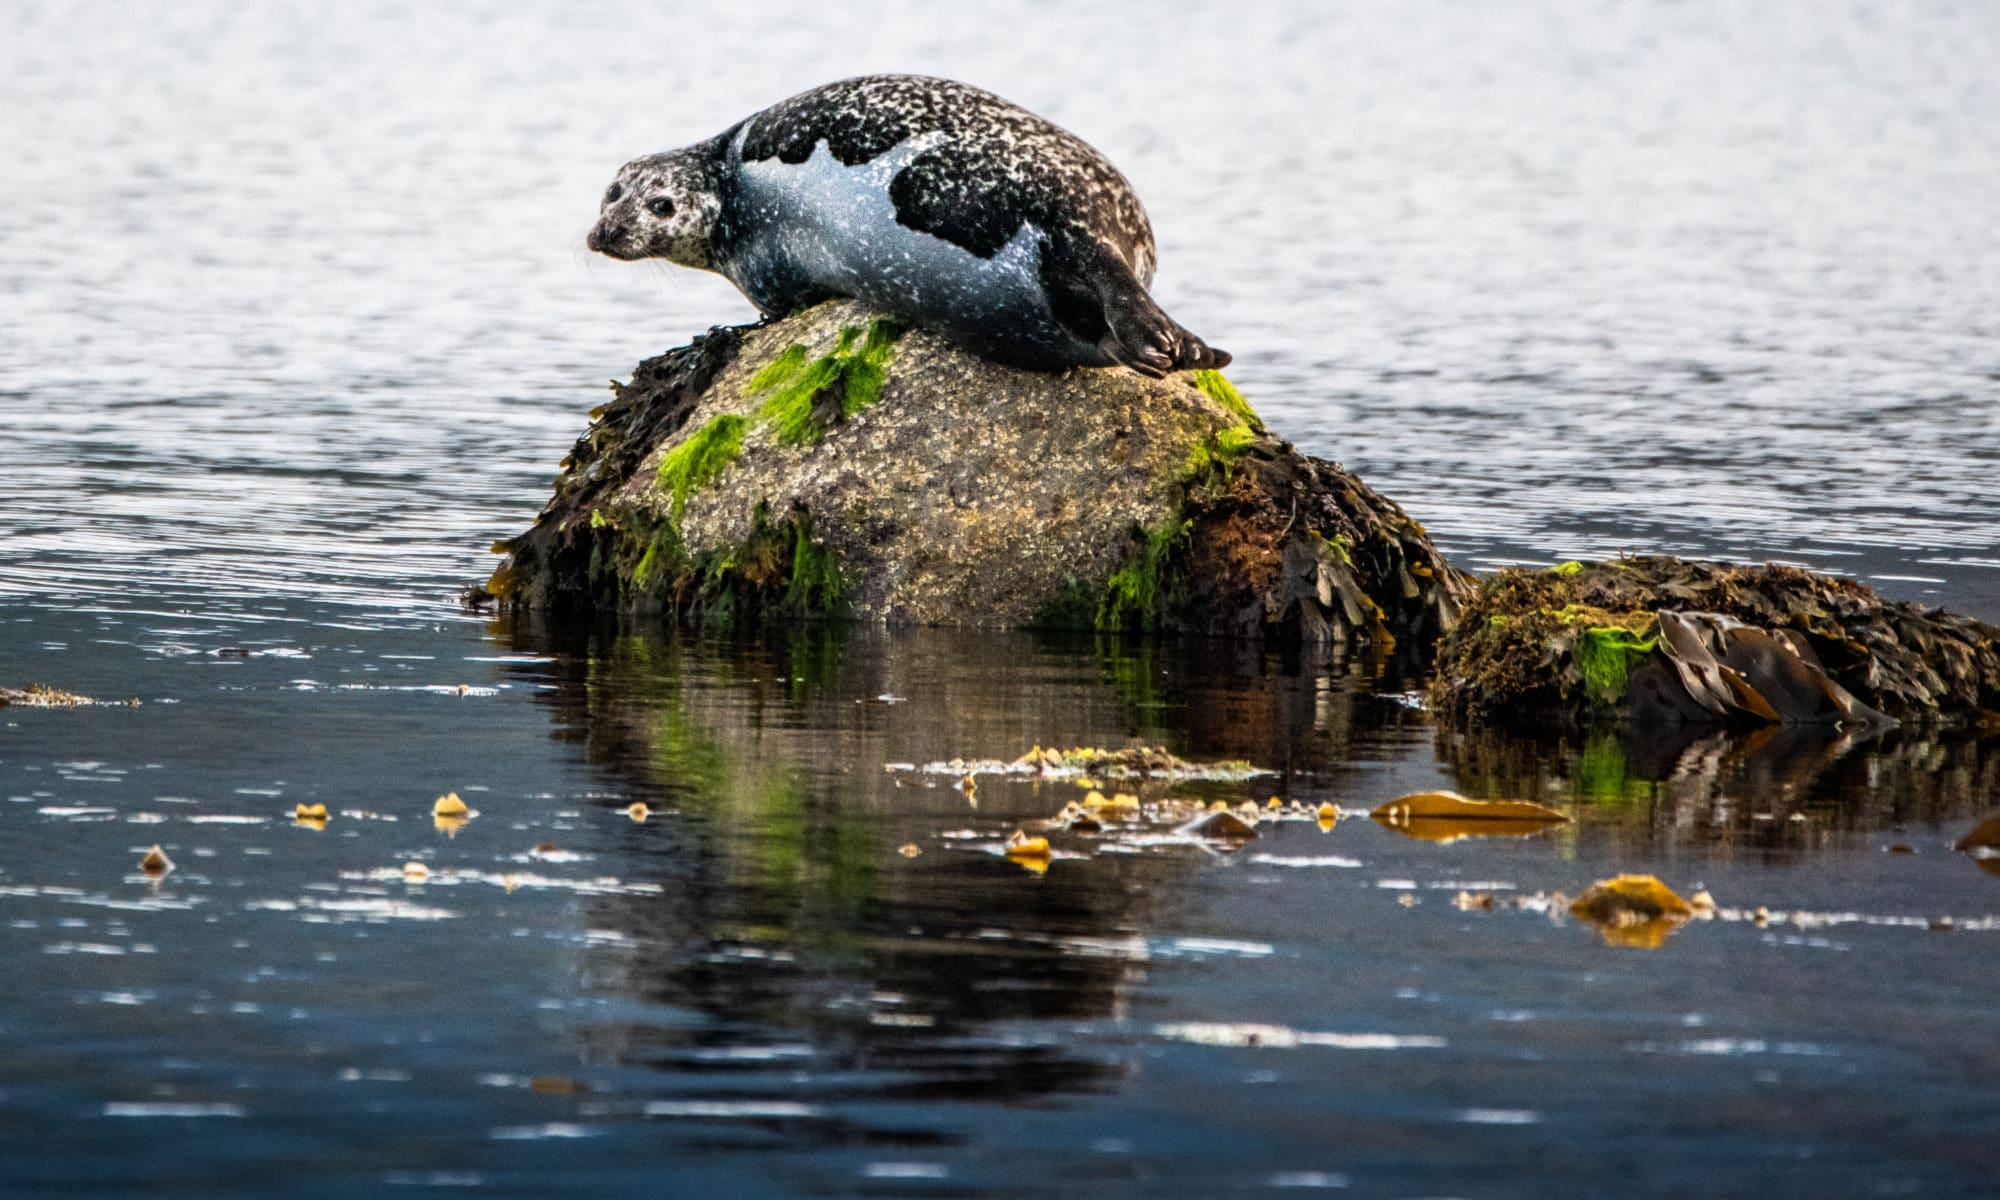 las focas de la bahia de lamlash